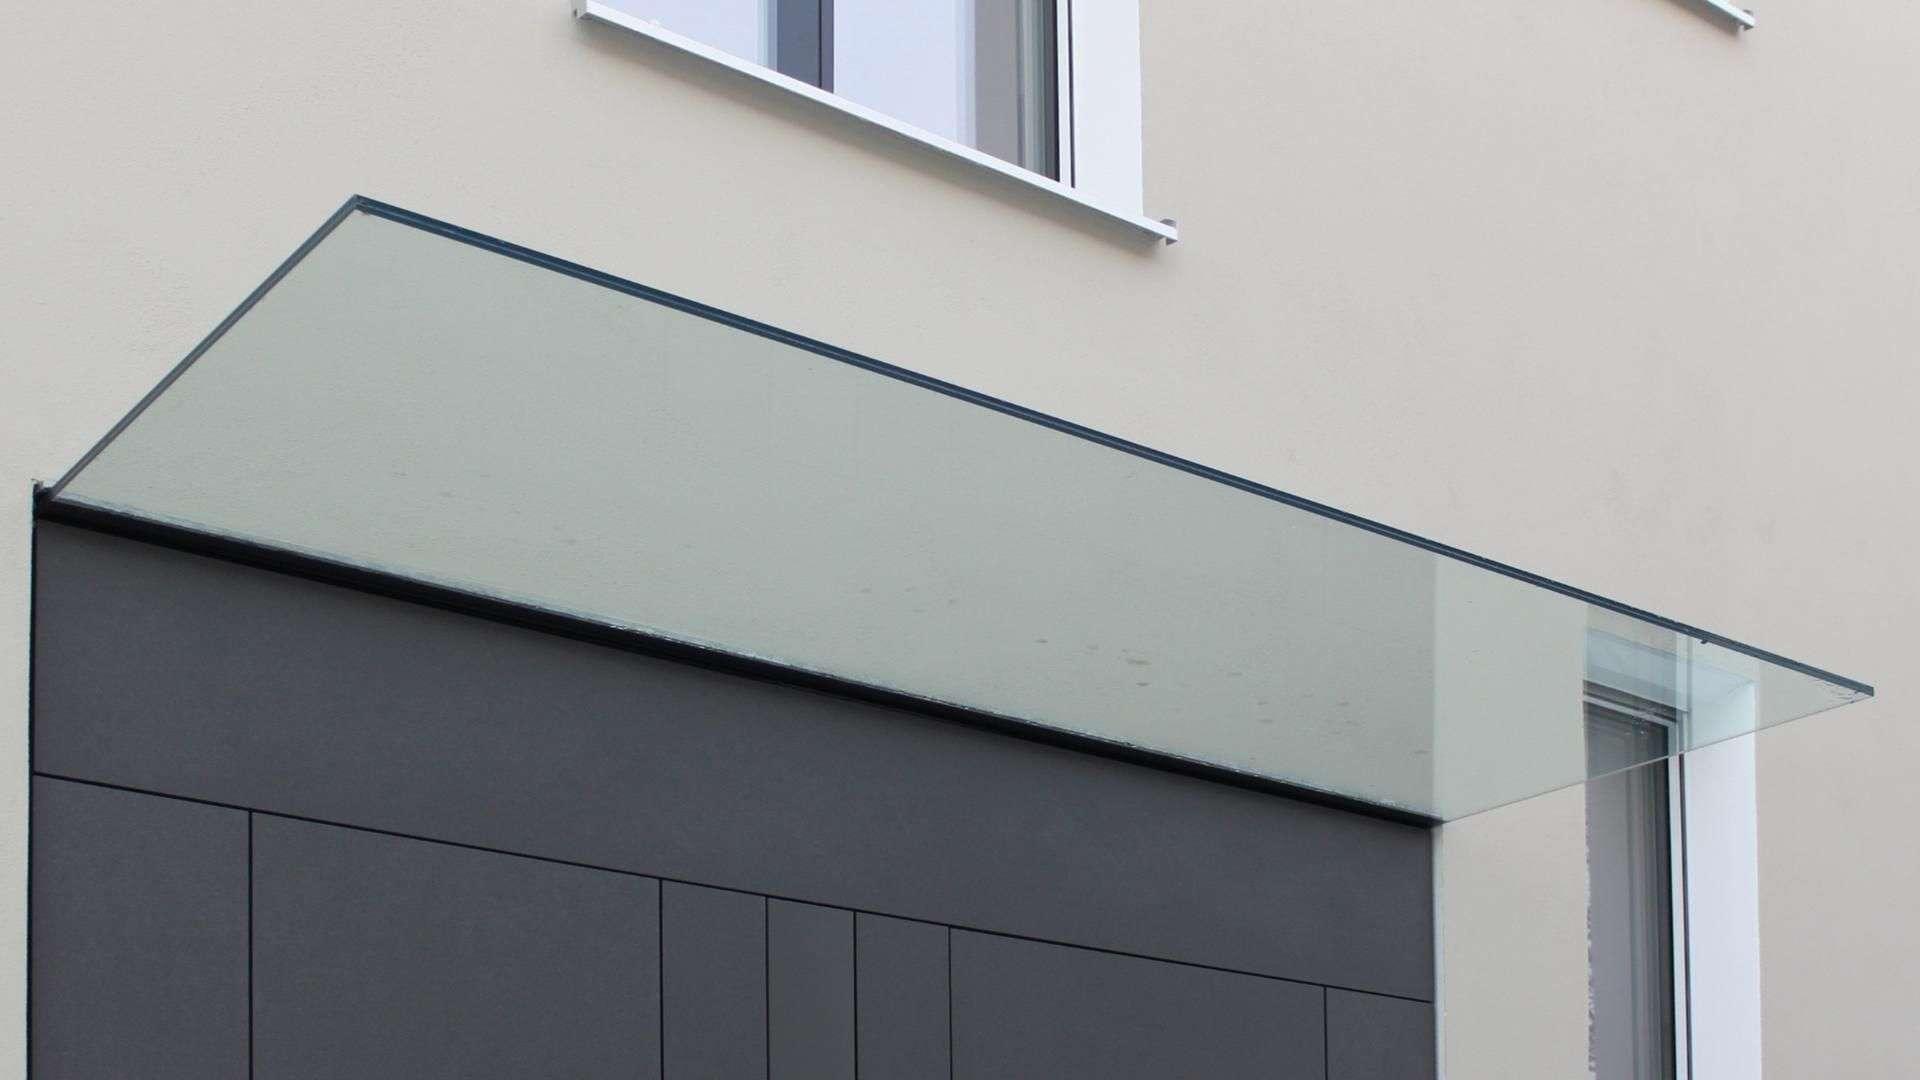 Vordach aus Glas über einer grauen Haustür